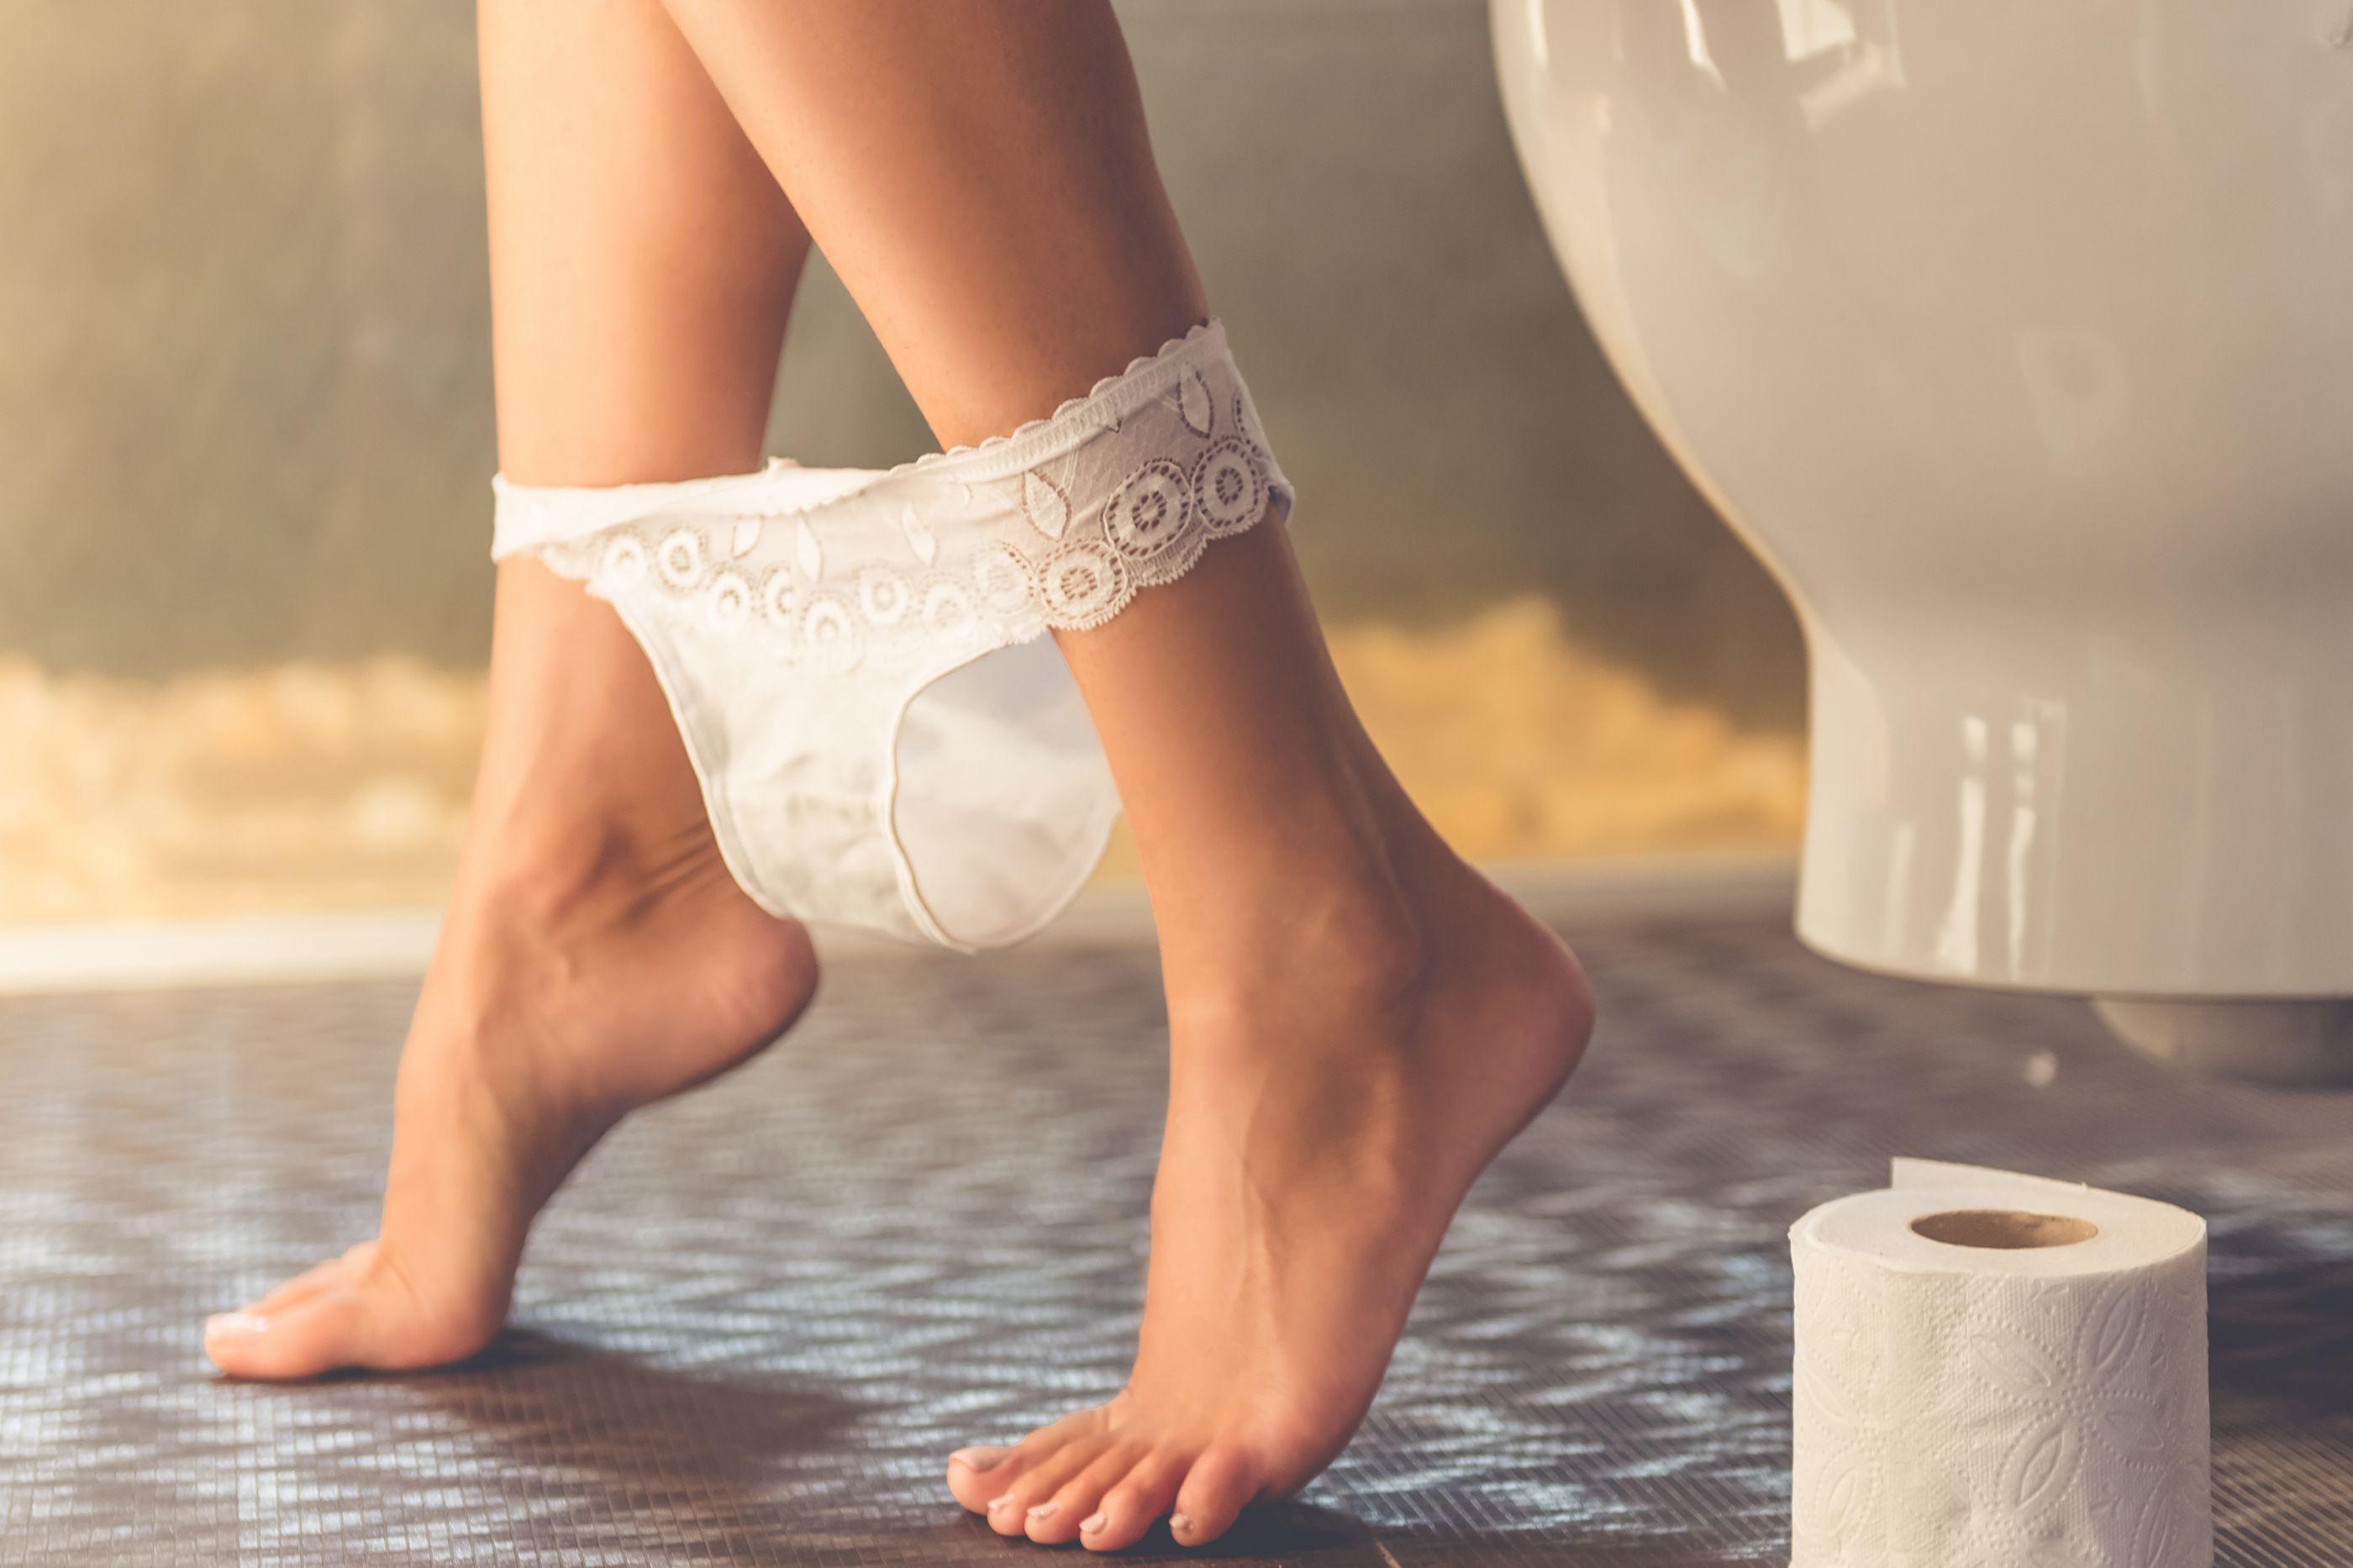 O leitor perguntou: Porque tenho mais vontade de urinar quando está frio?